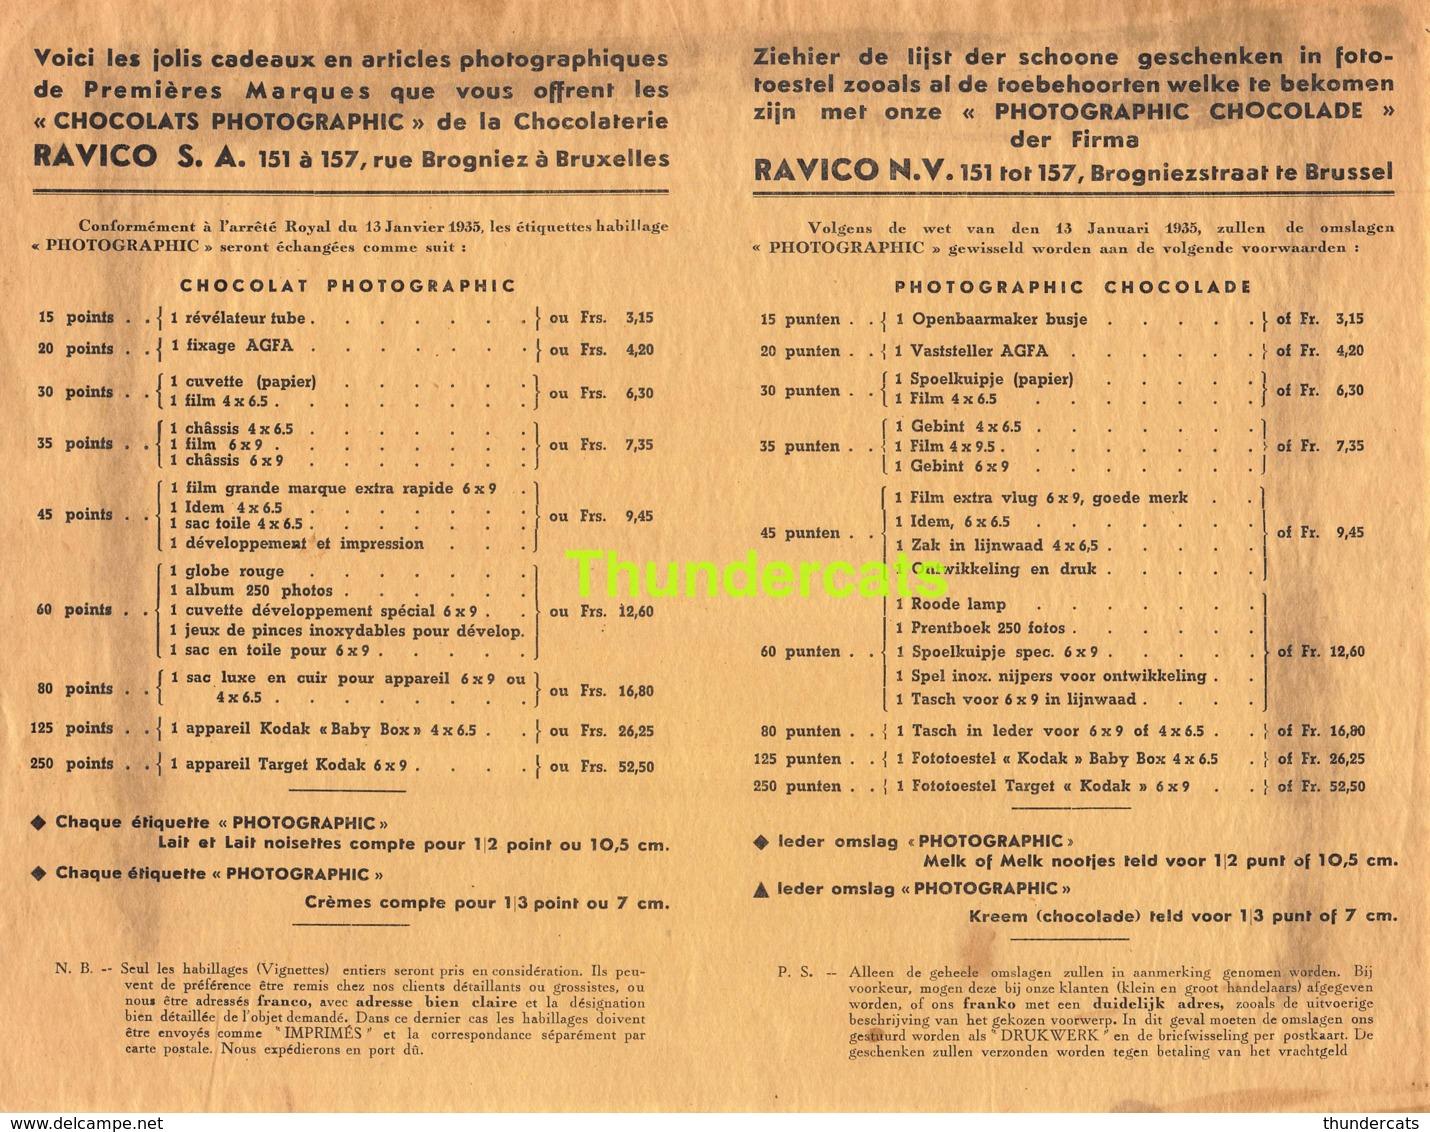 RARE ! LISTE ANCIENNE DES CADEAUX ETIQUETTE EMBALLAGE ETIKET LABEL CHOCOLADE CHOCOLAT RAVICO ALI ALITEX BRUXELLES - Labels